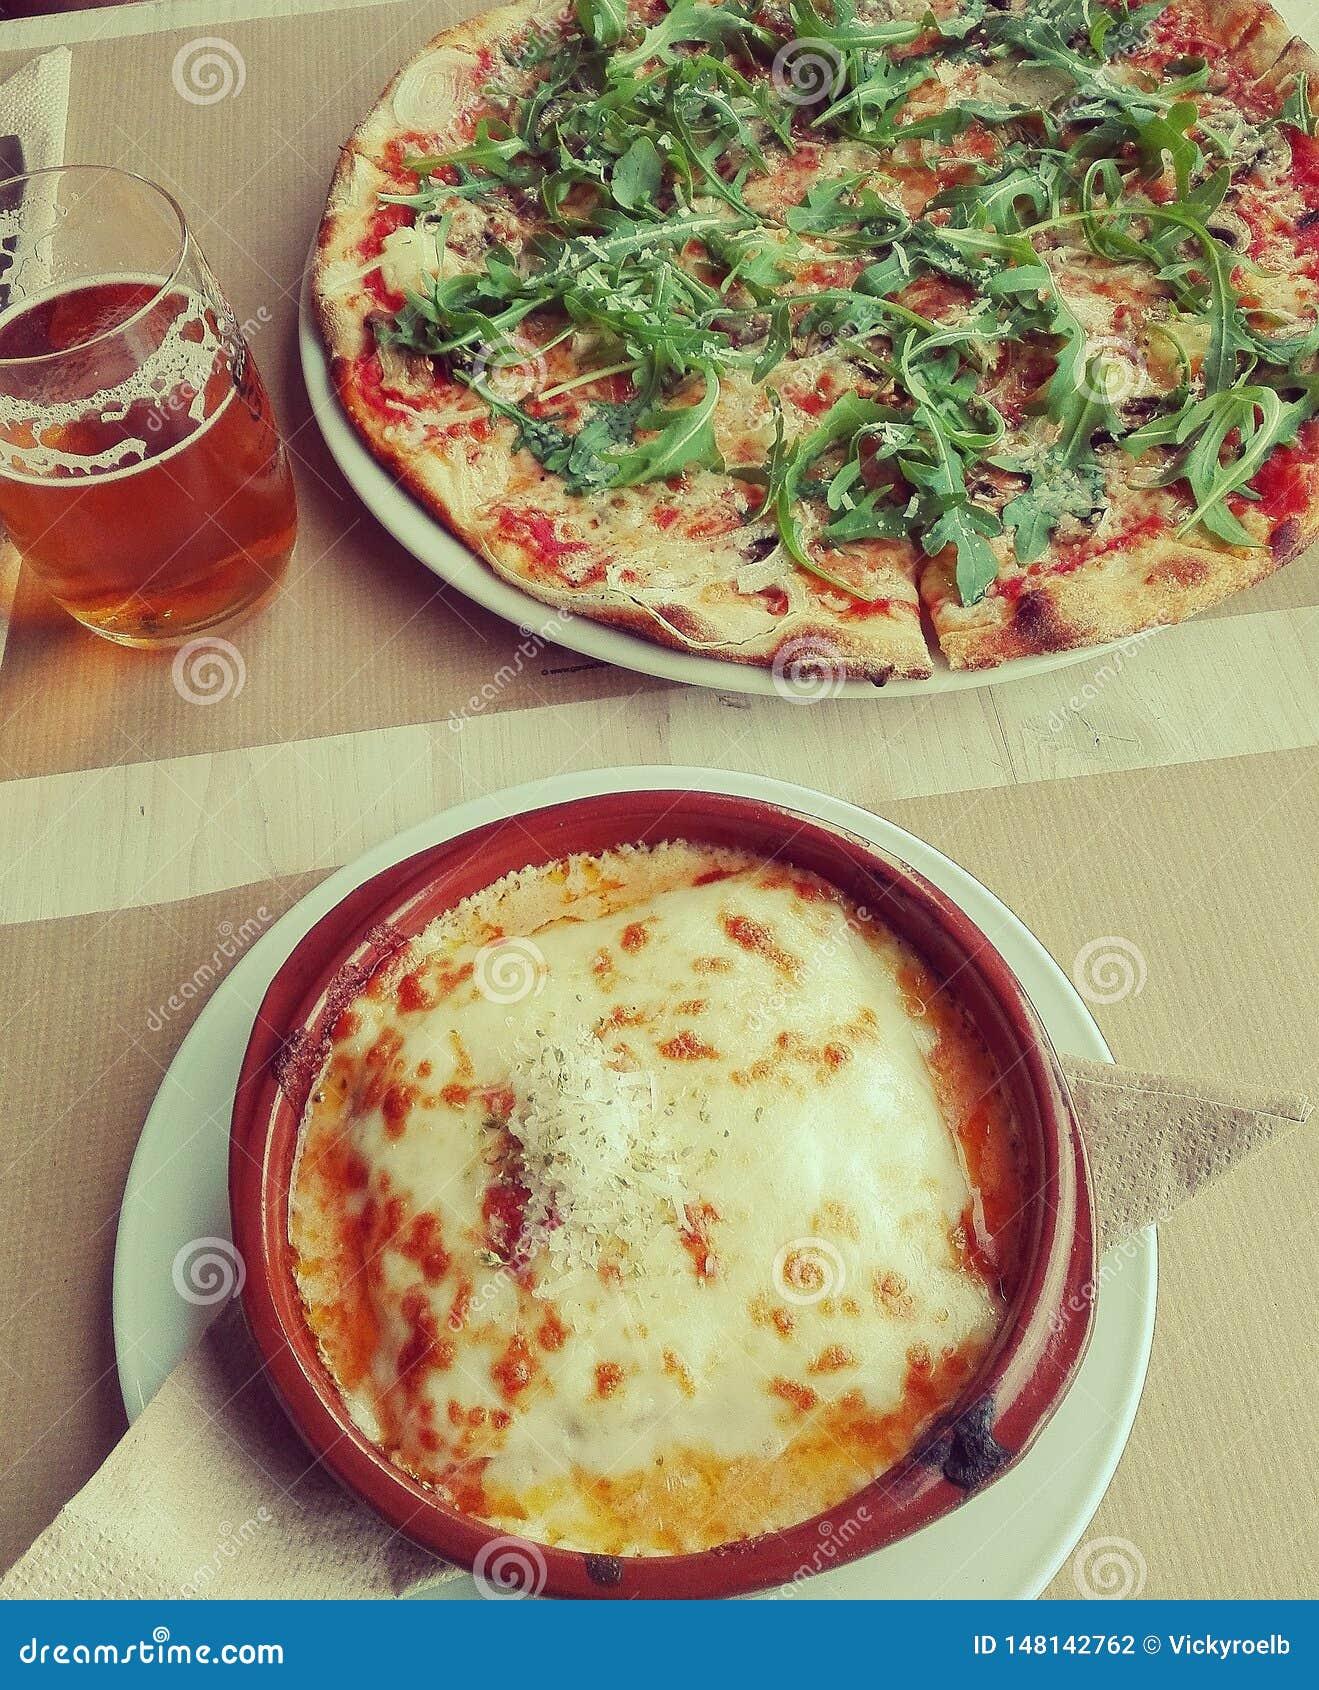 Ιταλικά πίτσα και γρήγορο φαγητό γαστρονομικές